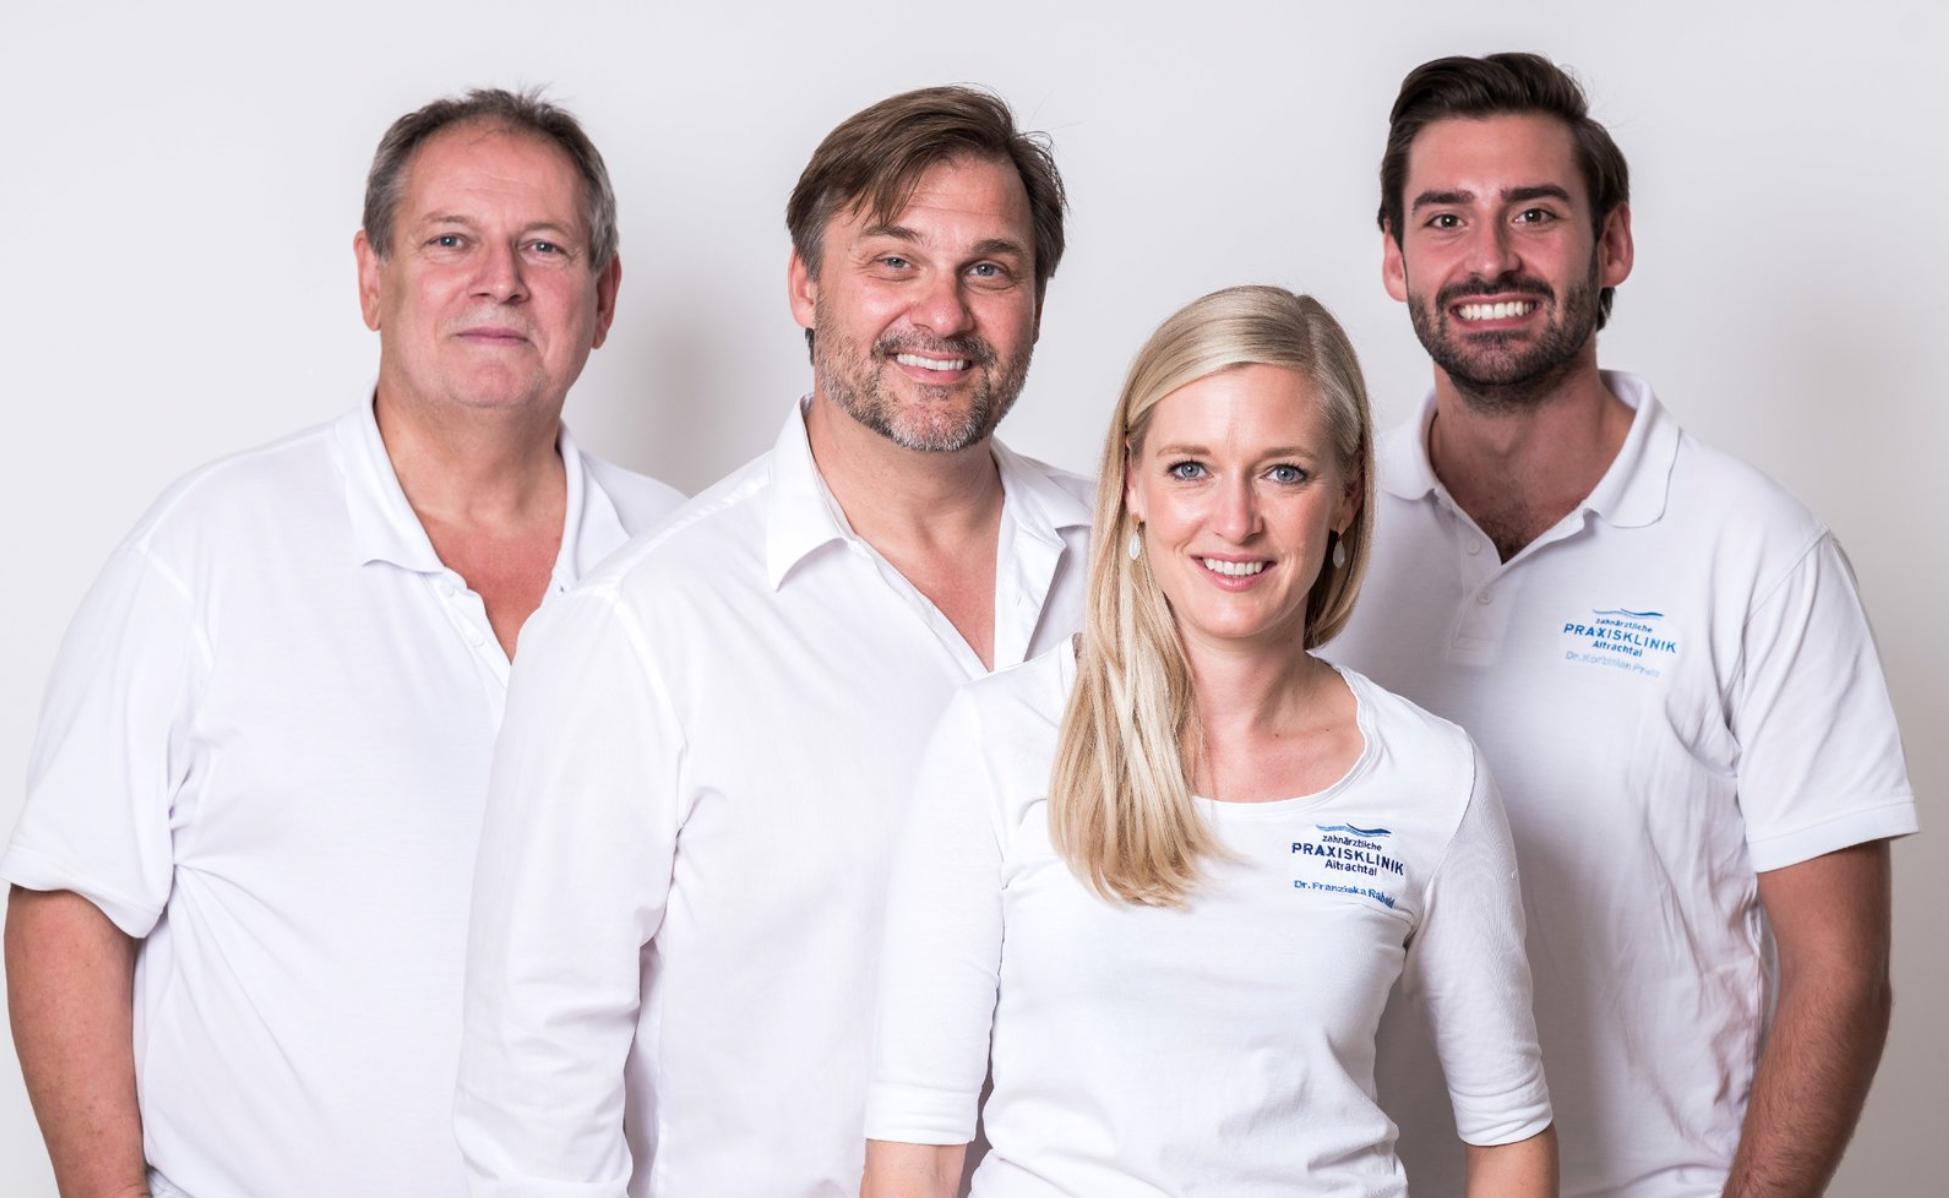 Zahnersatz Zahnimplantate Landshut